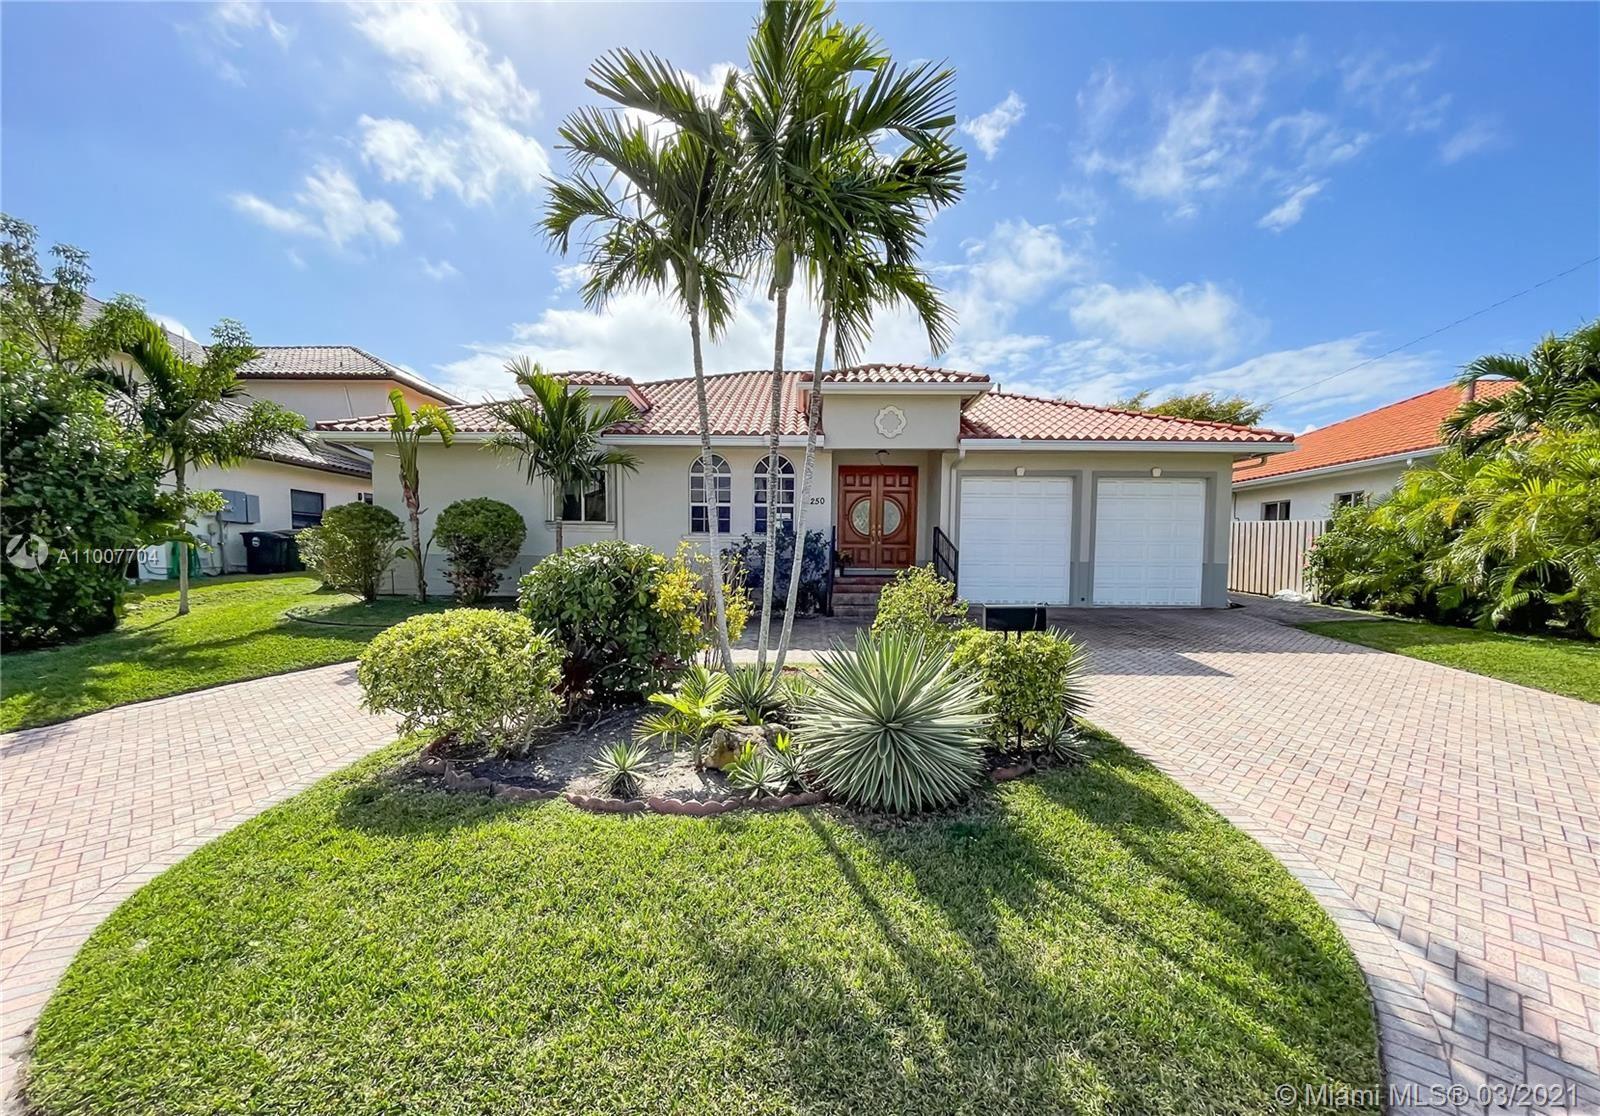 2250 NE 122nd St, North Miami, FL 33181 - #: A11007704